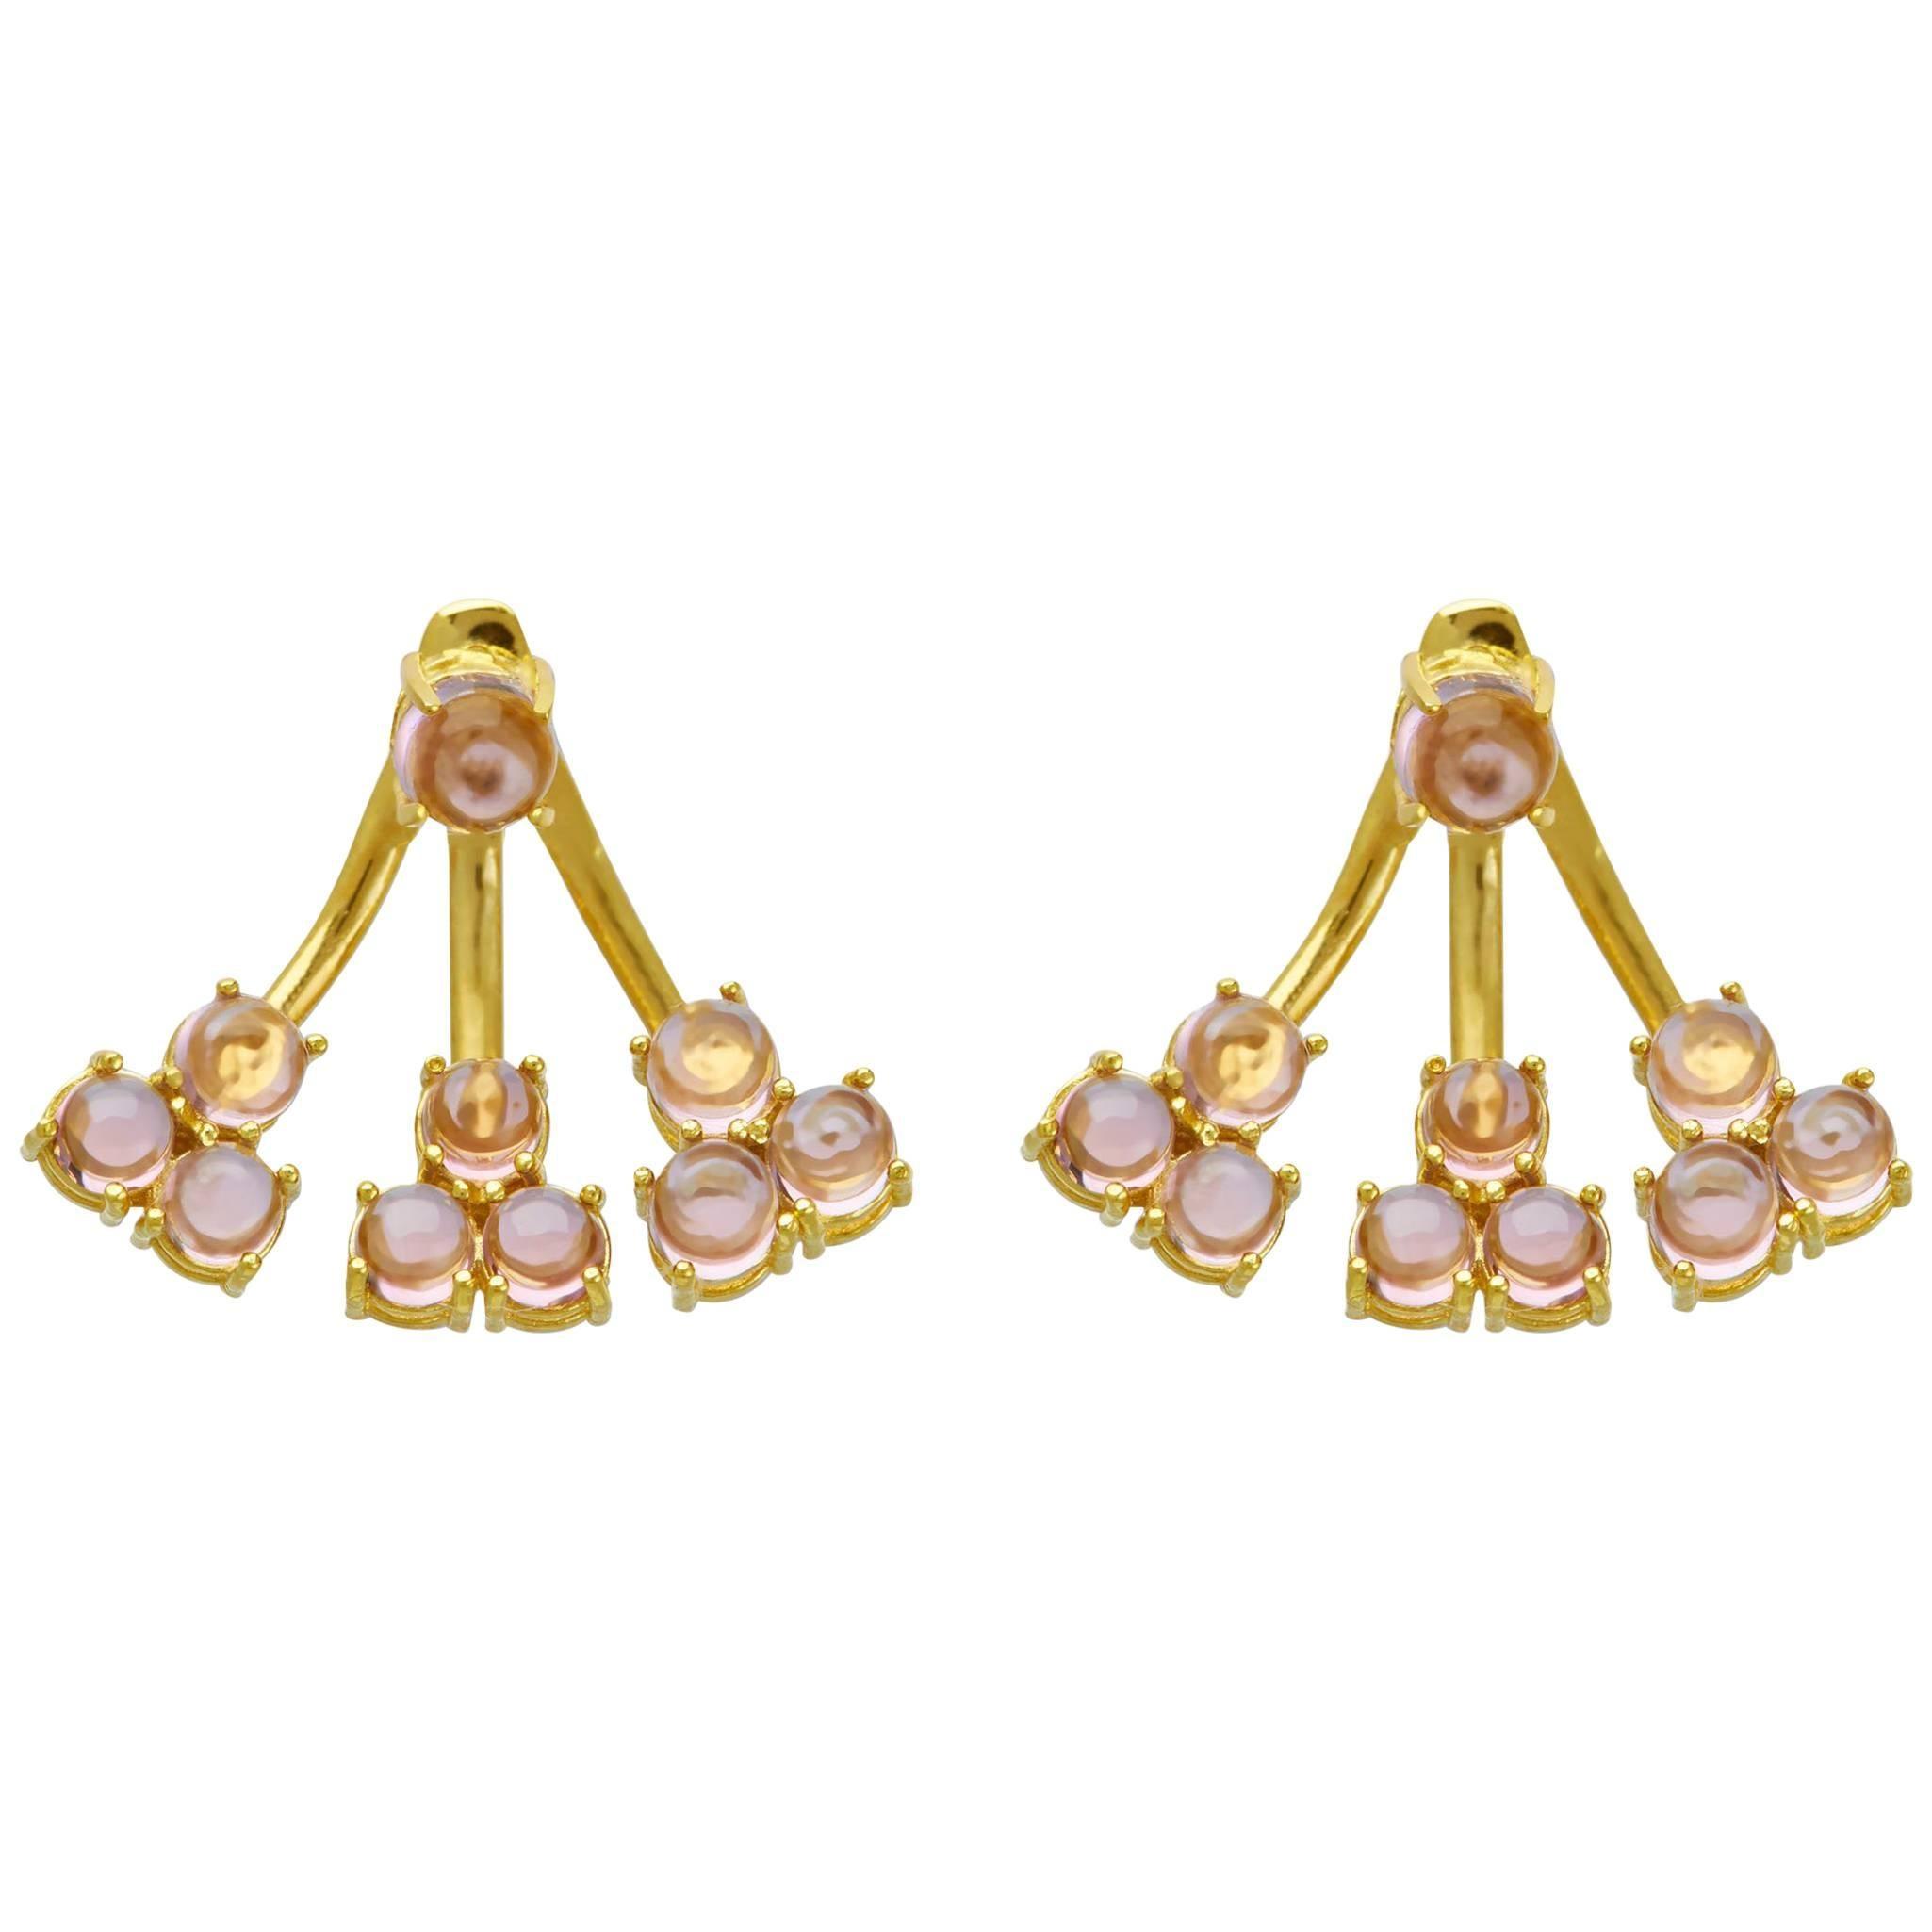 Jacket Earrings 18 Karat Yellow Gold Vermeil Purple Amethyst Drop Earrings